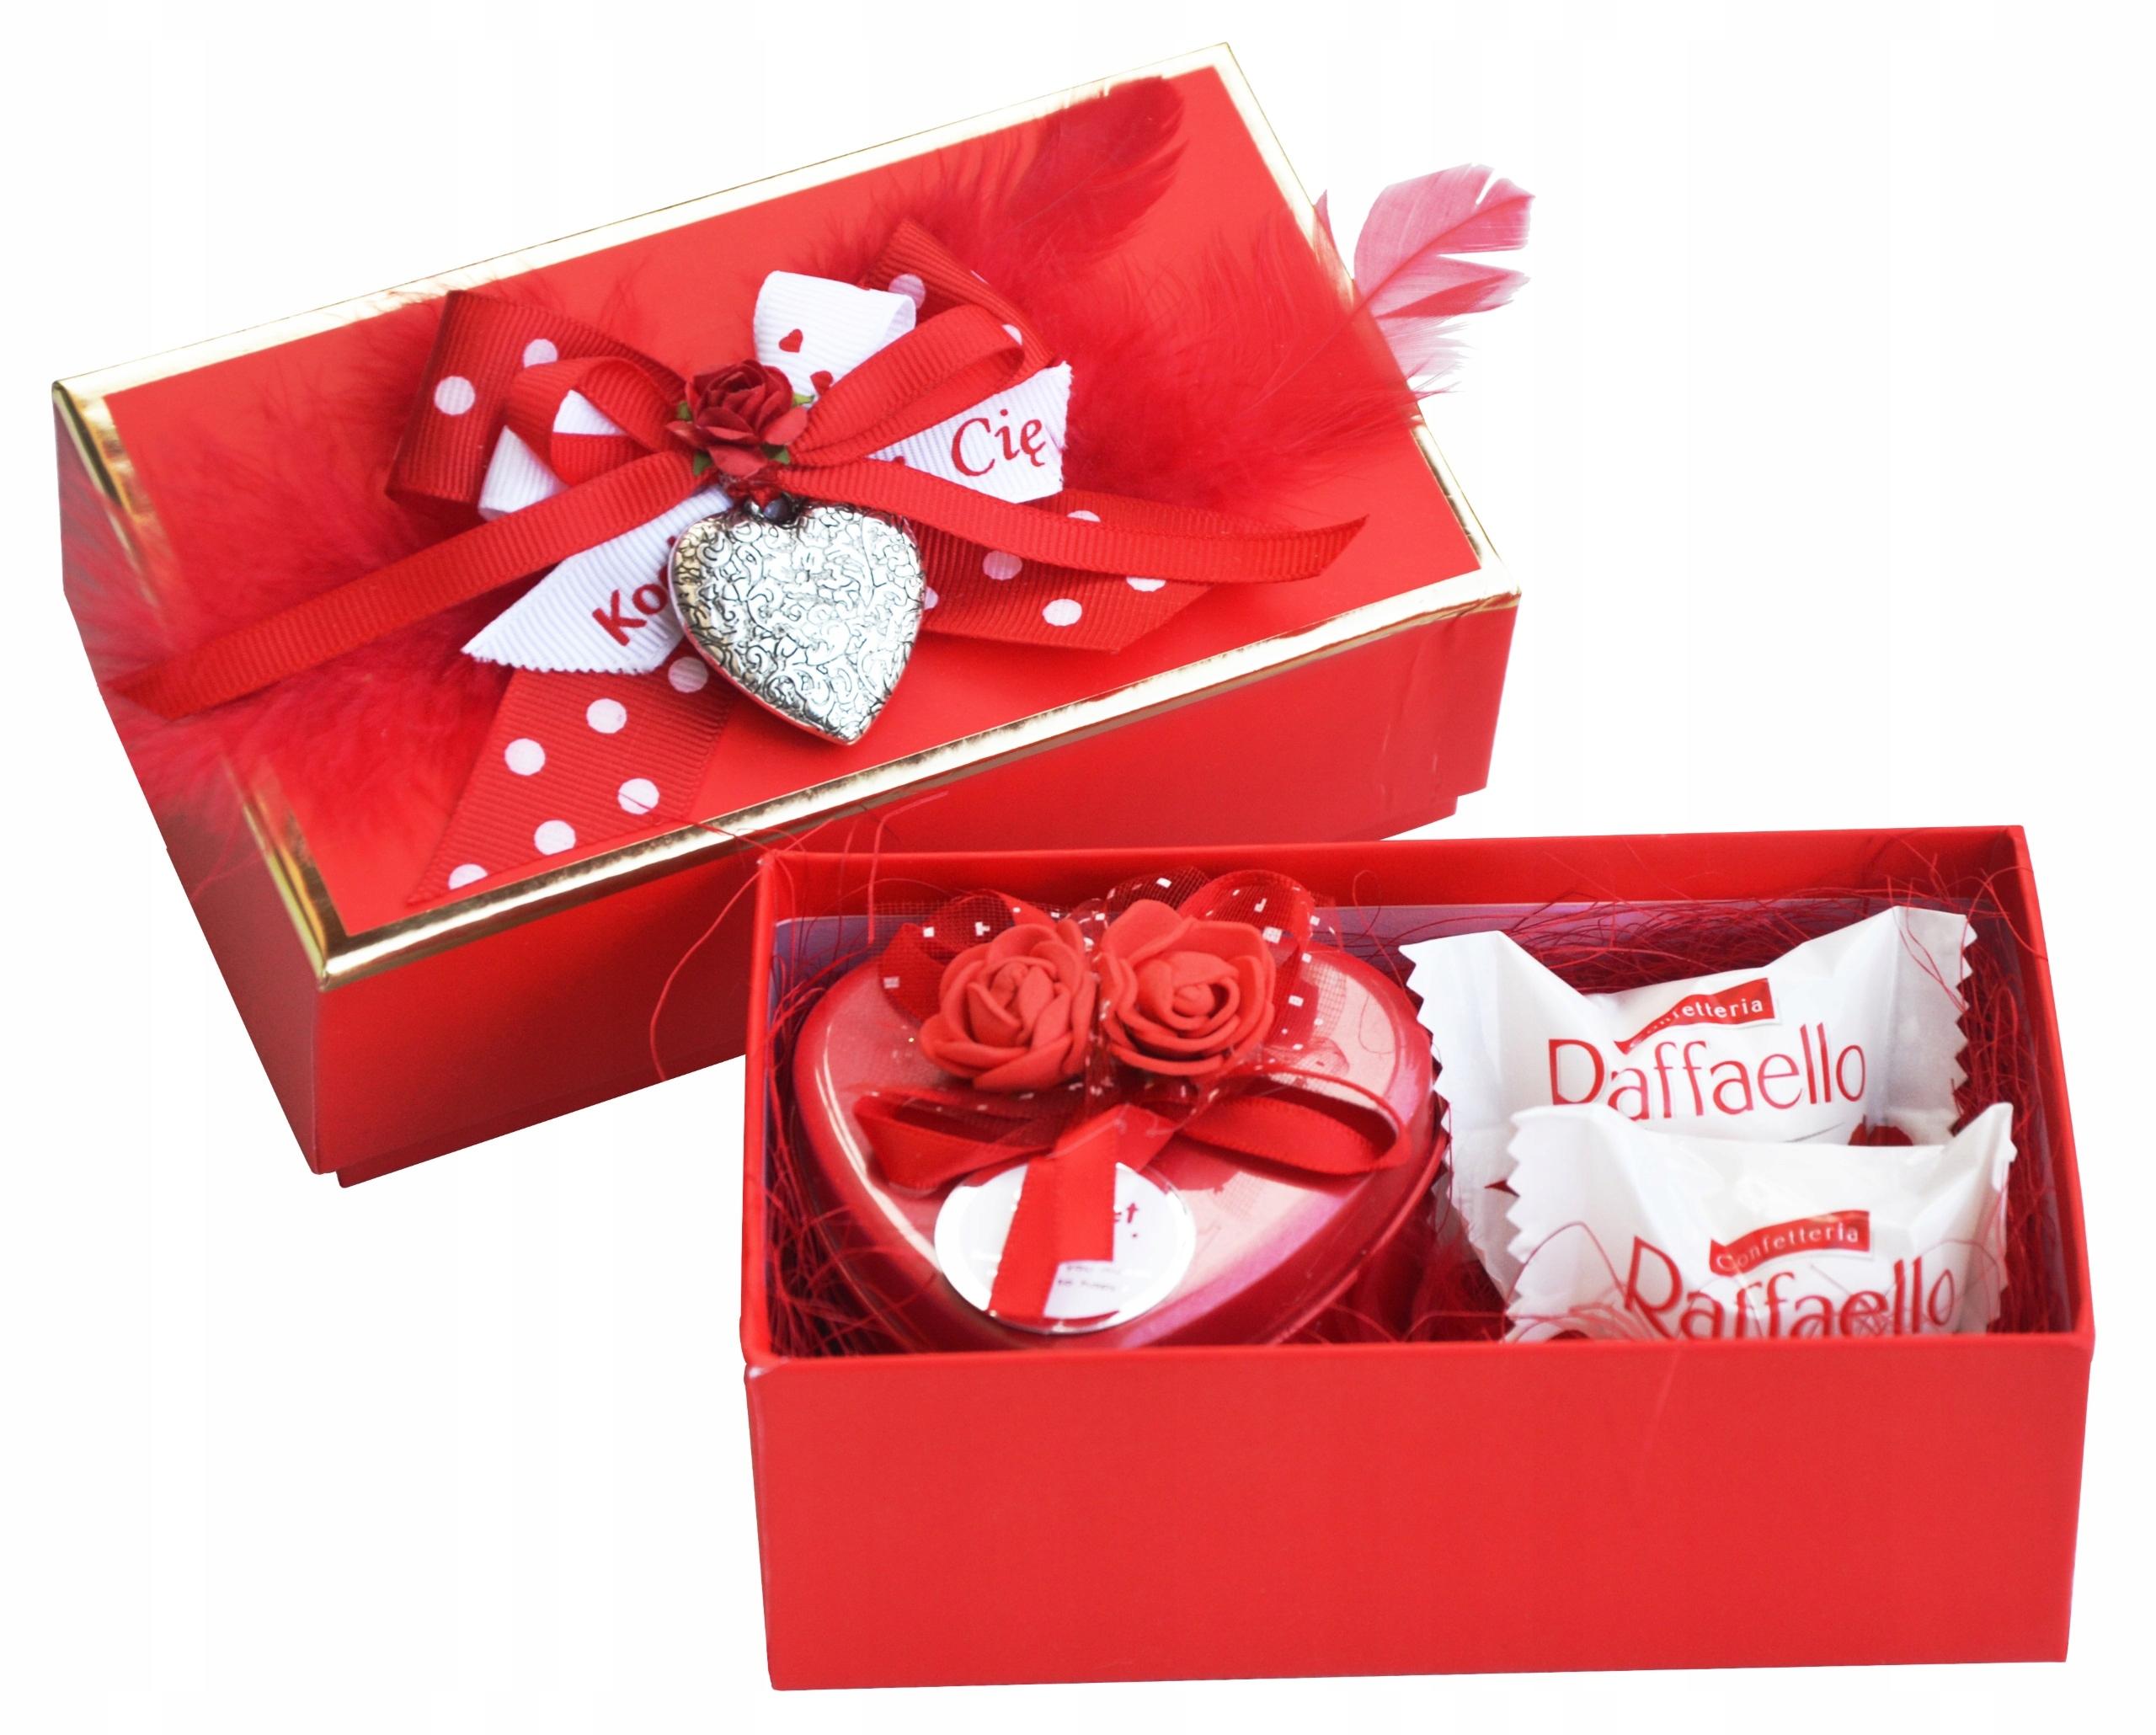 Piekny Wyjatkowy Prezent Na Walentynki Dla Niej 8901973716 Allegro Pl